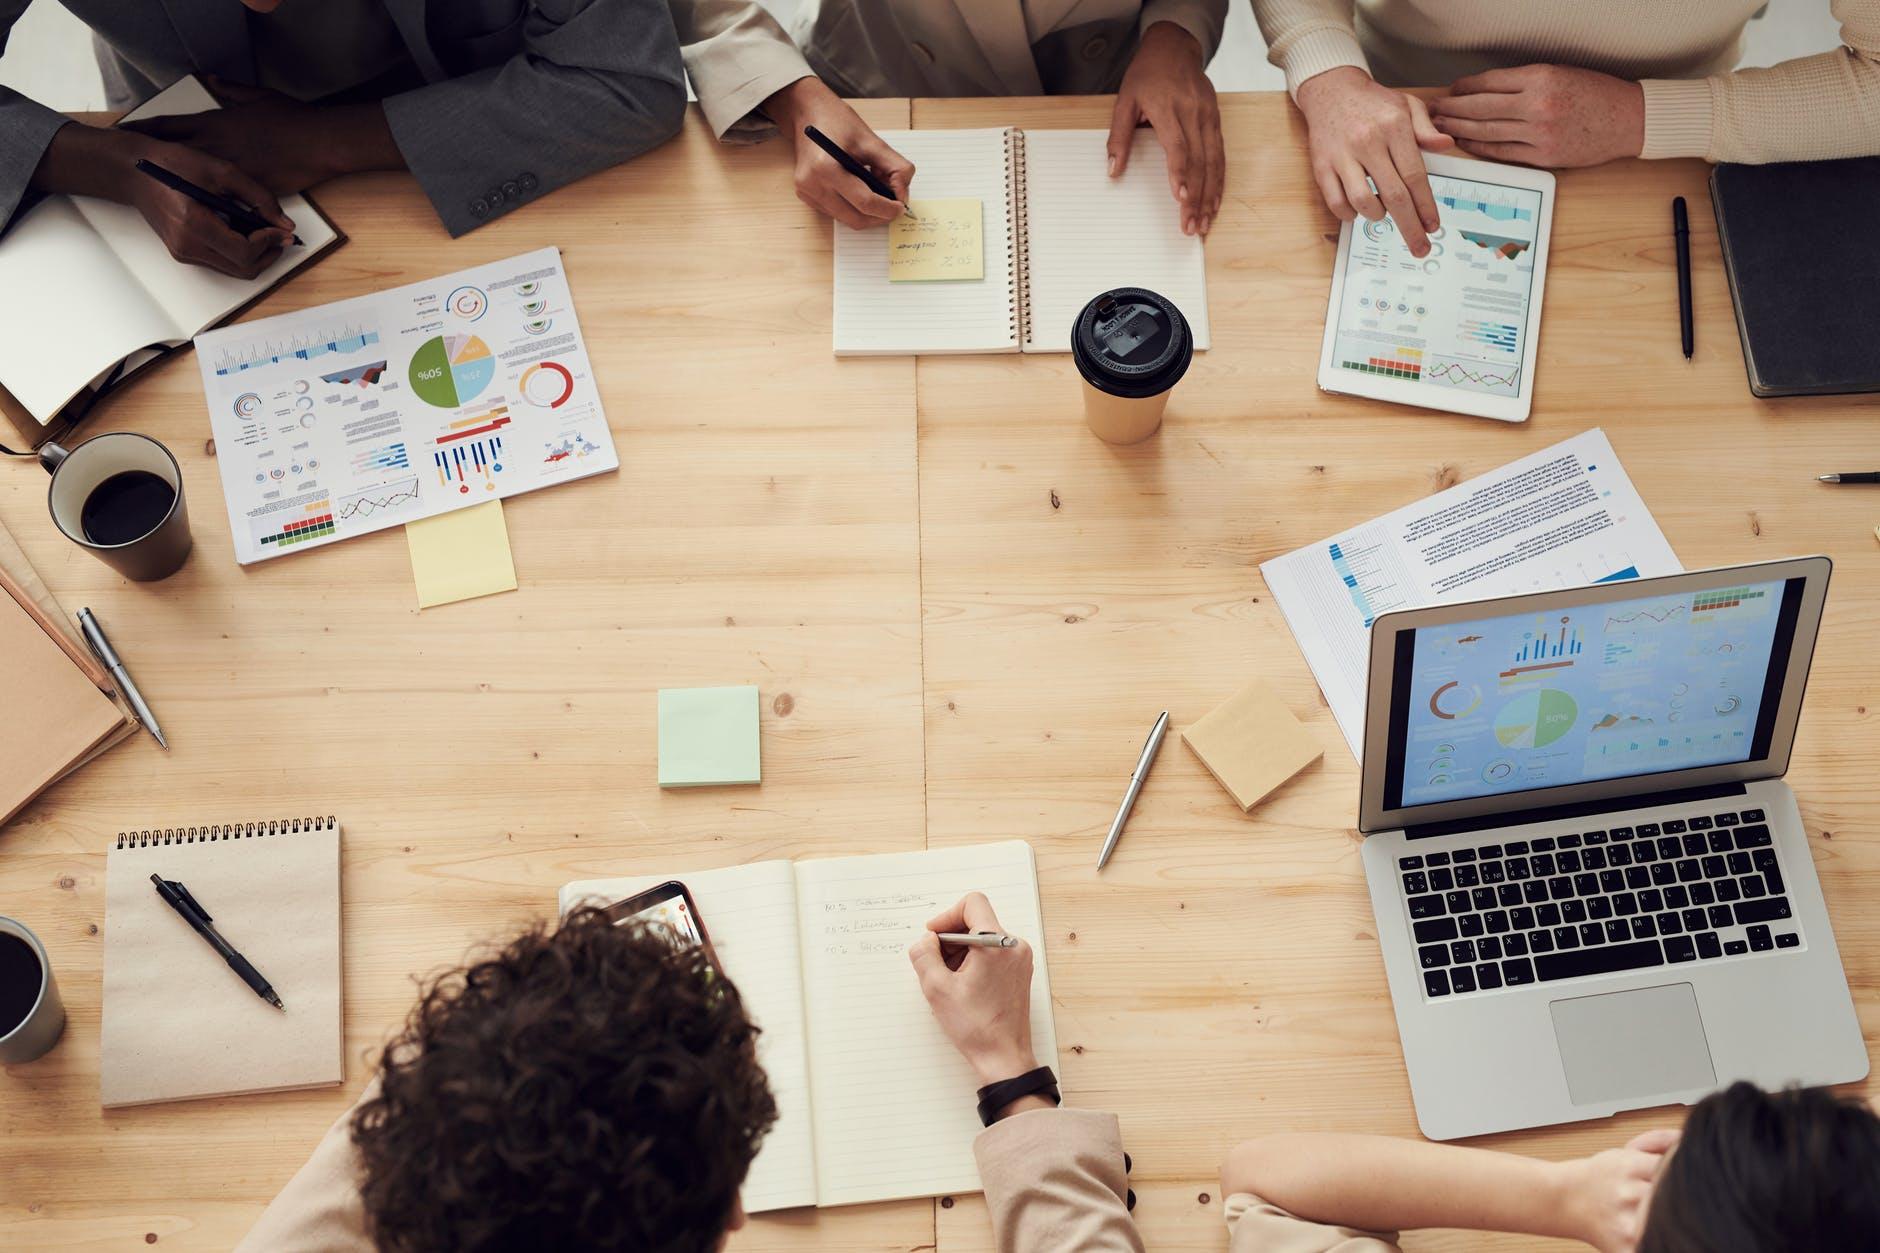 Cosa implica introdurre la Terapia a Seduta Singola in un'organizzazione? Suggerimenti pratici e indicazioni.